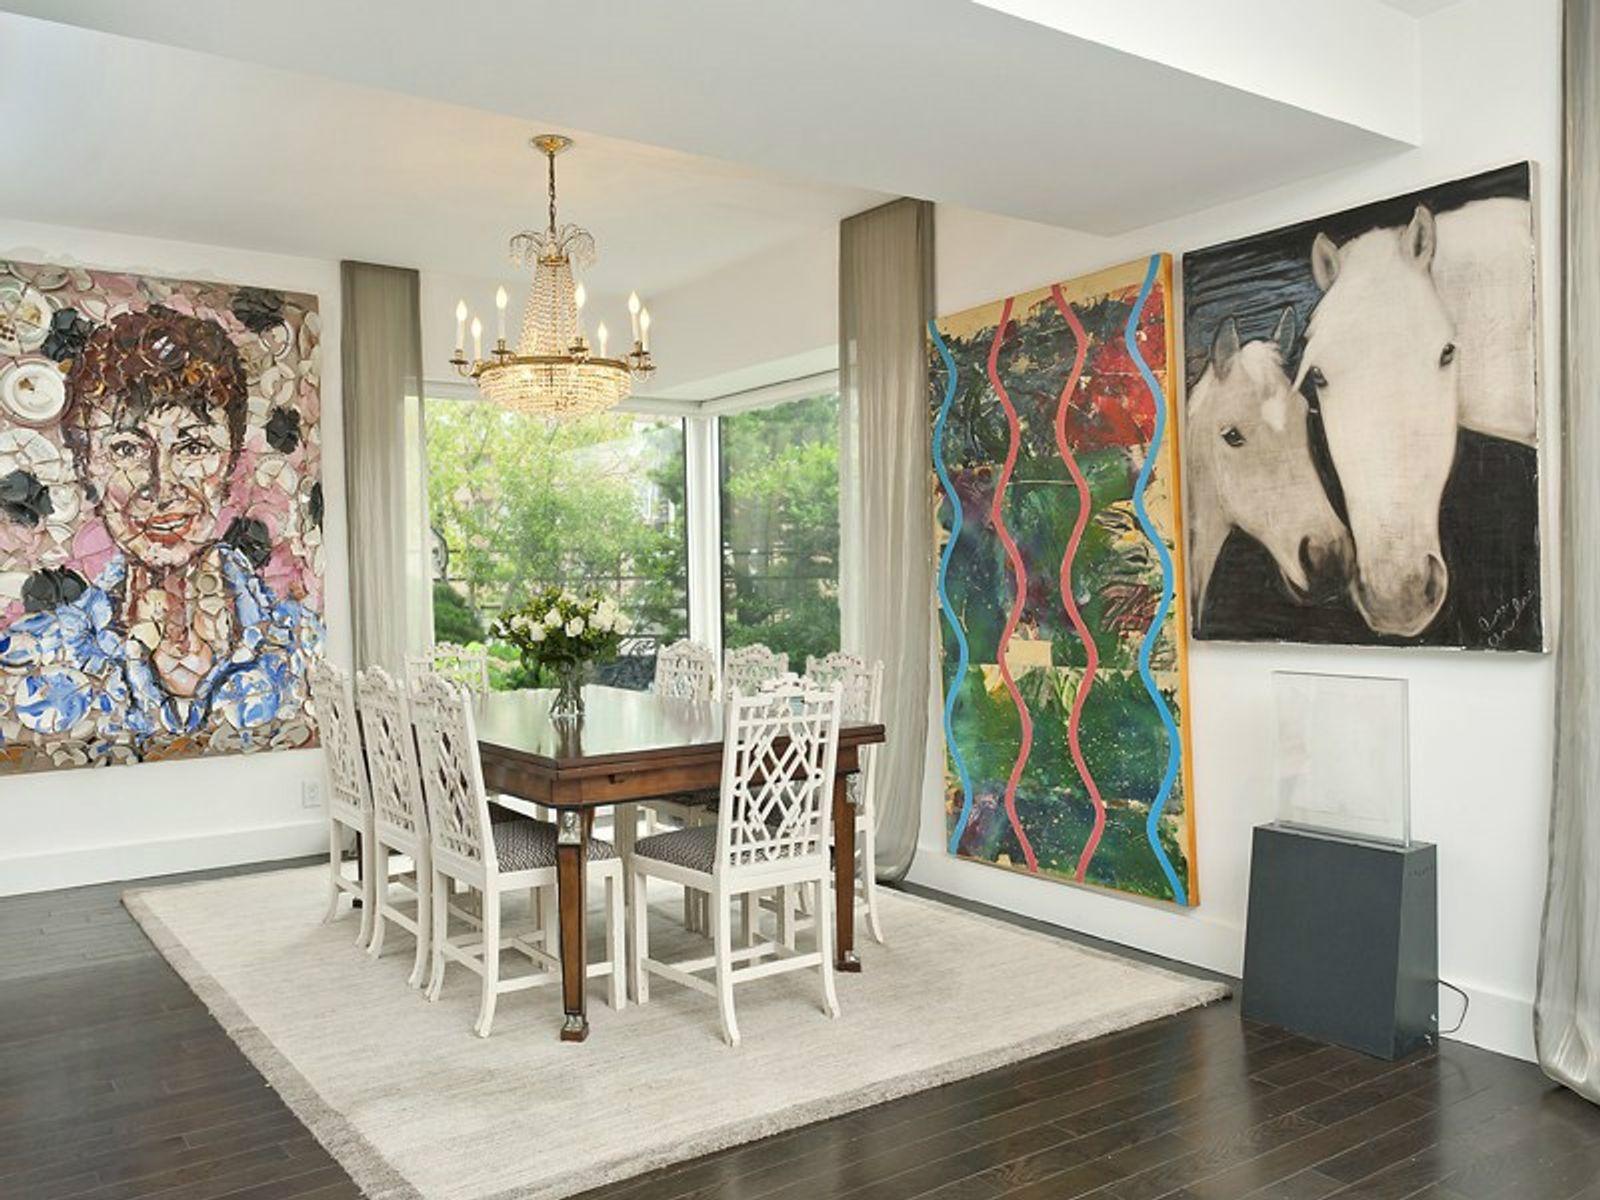 1025 Fifth Avenue Penthouse